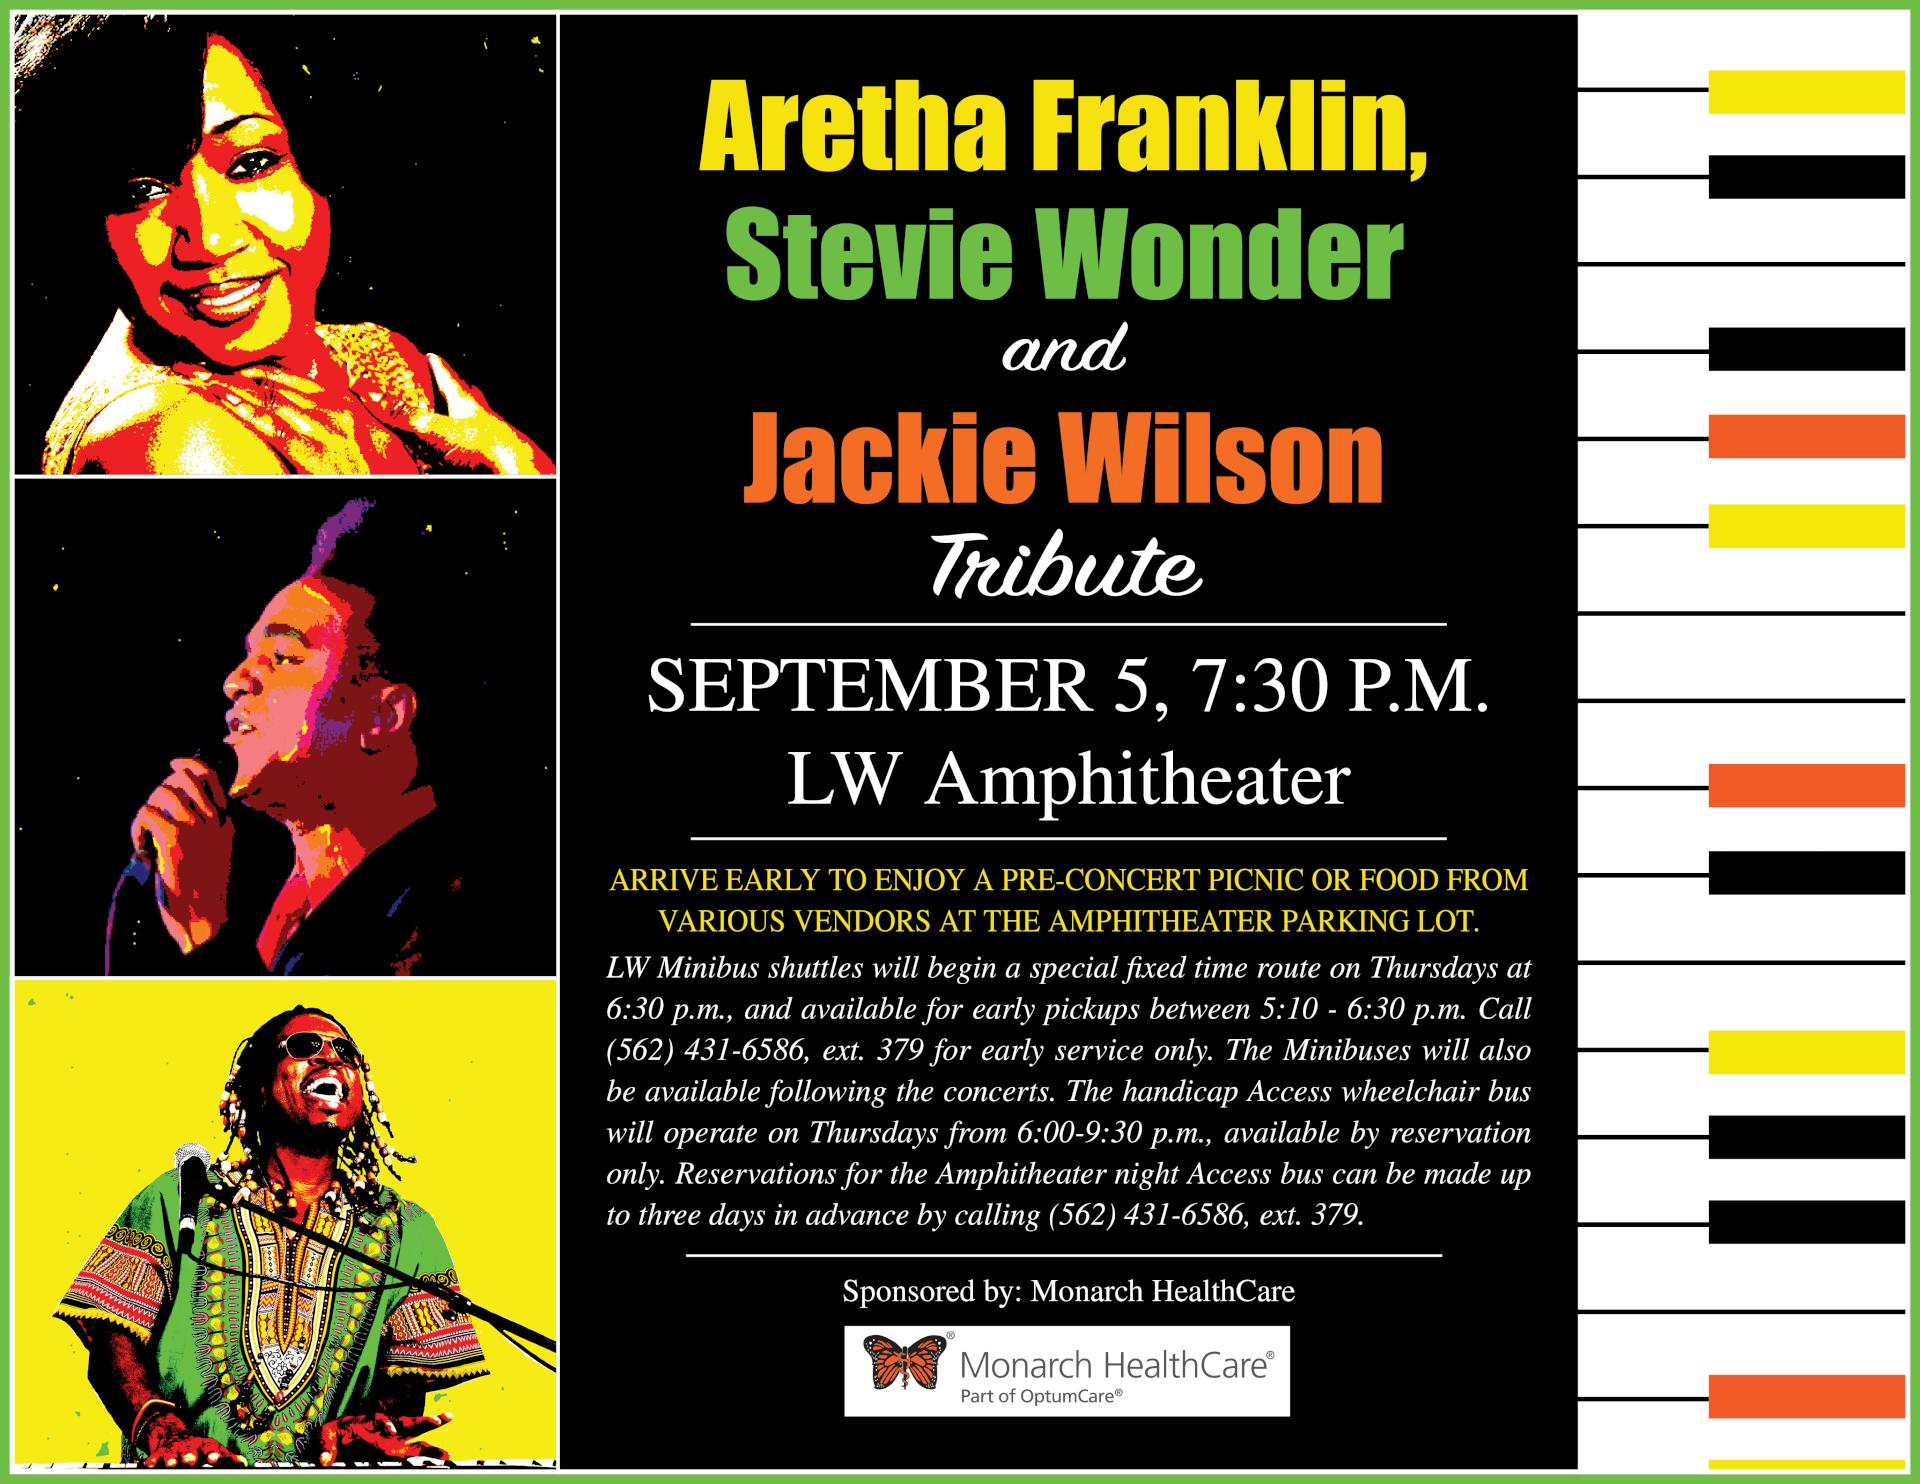 Aretha Franklin flyer 09-05